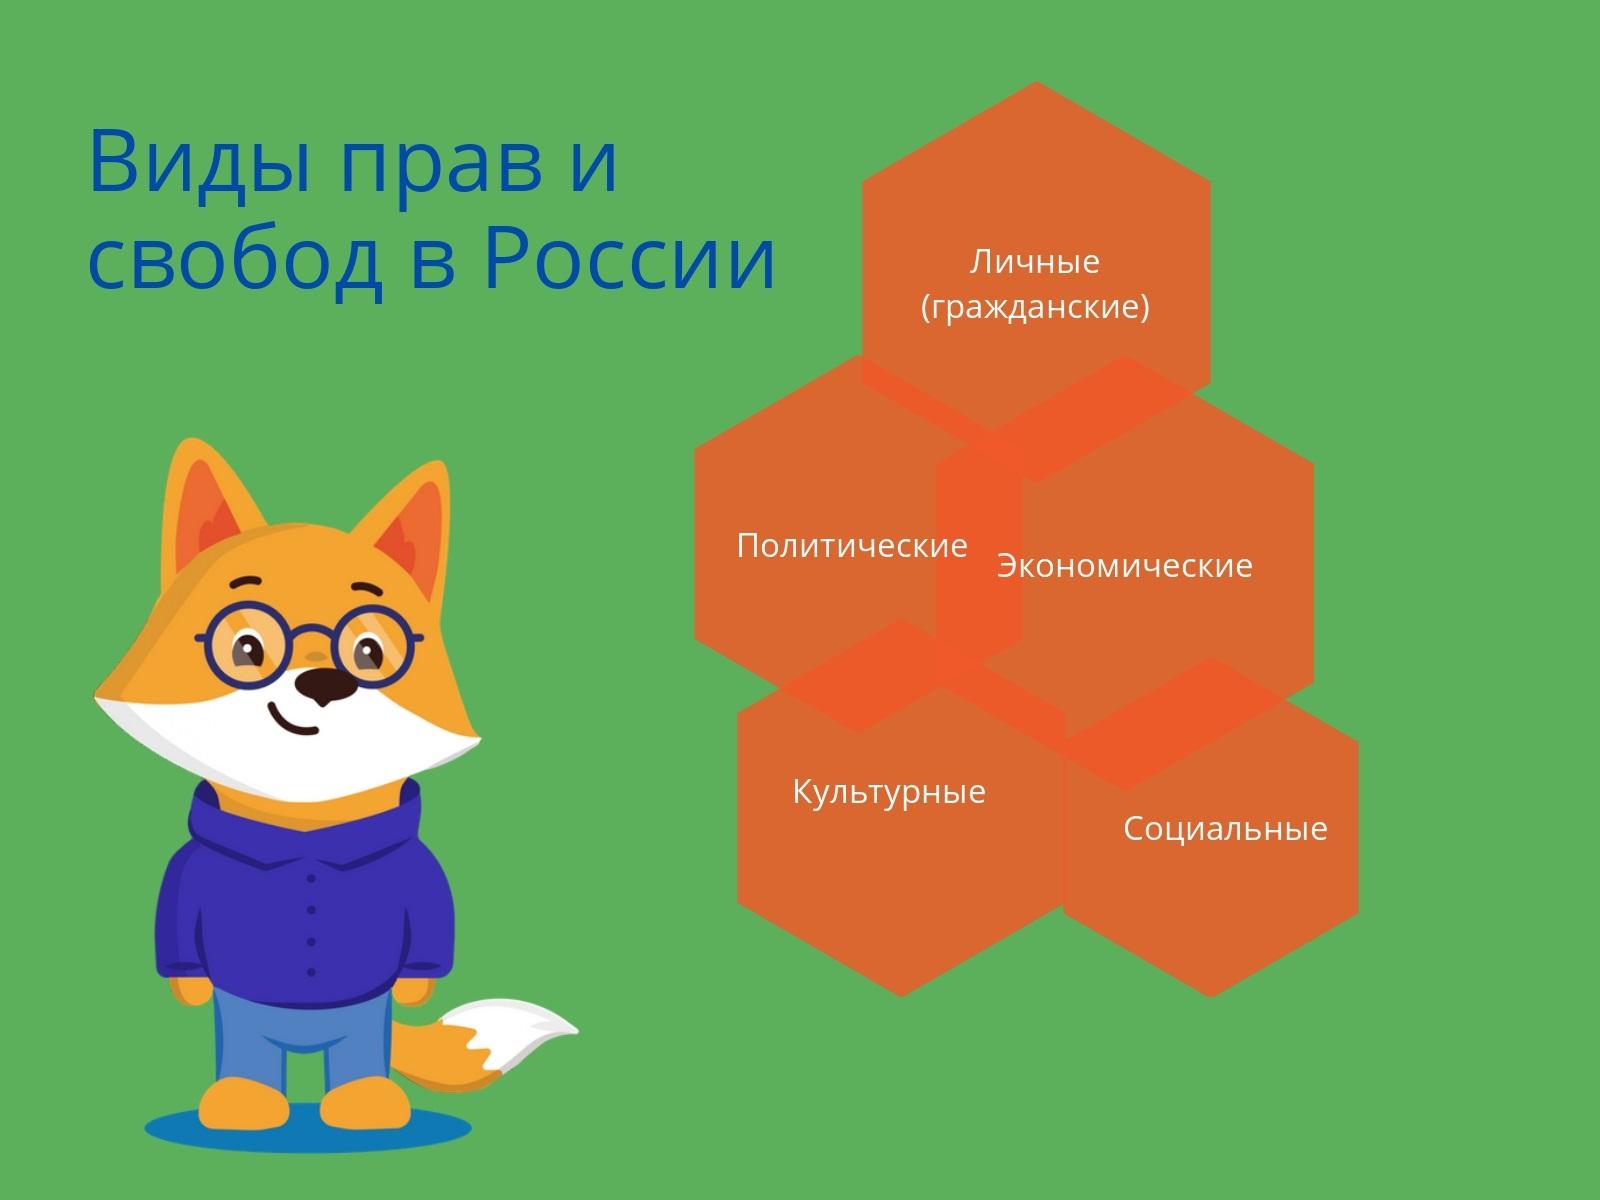 Классификация прав и свобод граждан Российской Федерации